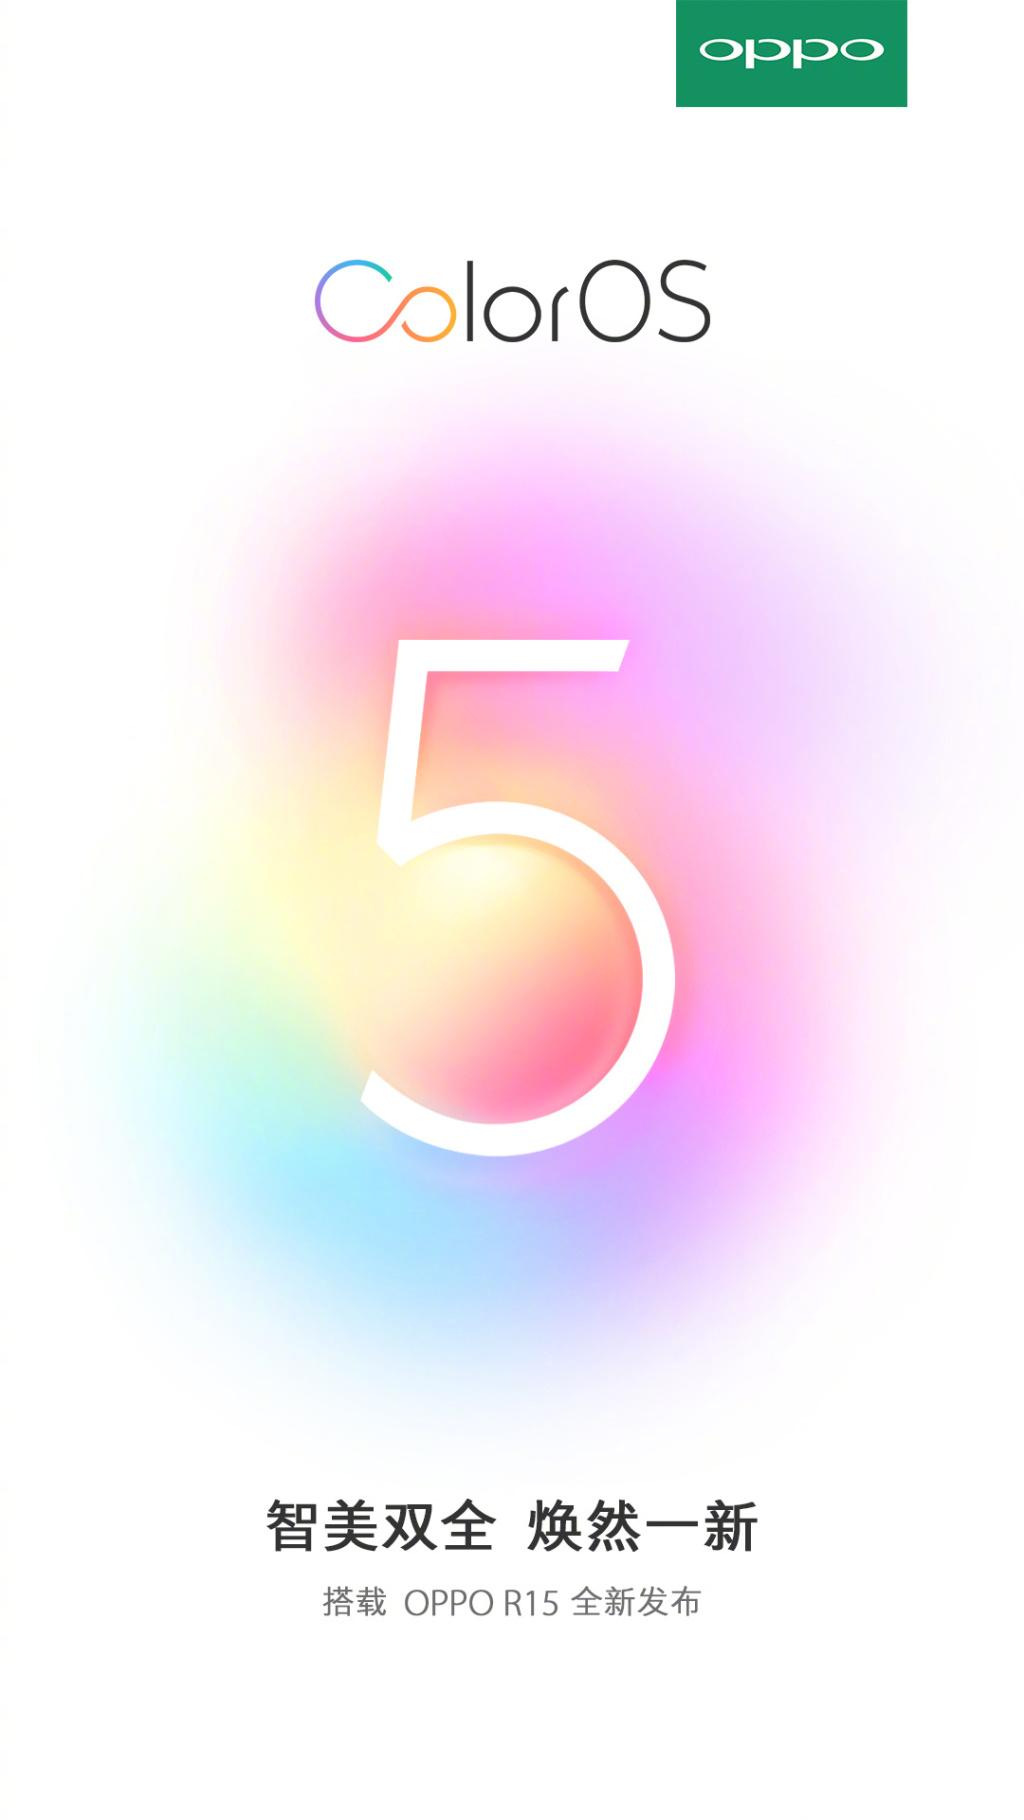 OPPO R15系统体验:智美双全的ColorOS 5.0越用越懂你 - 热点资讯 好物资讯 第1张